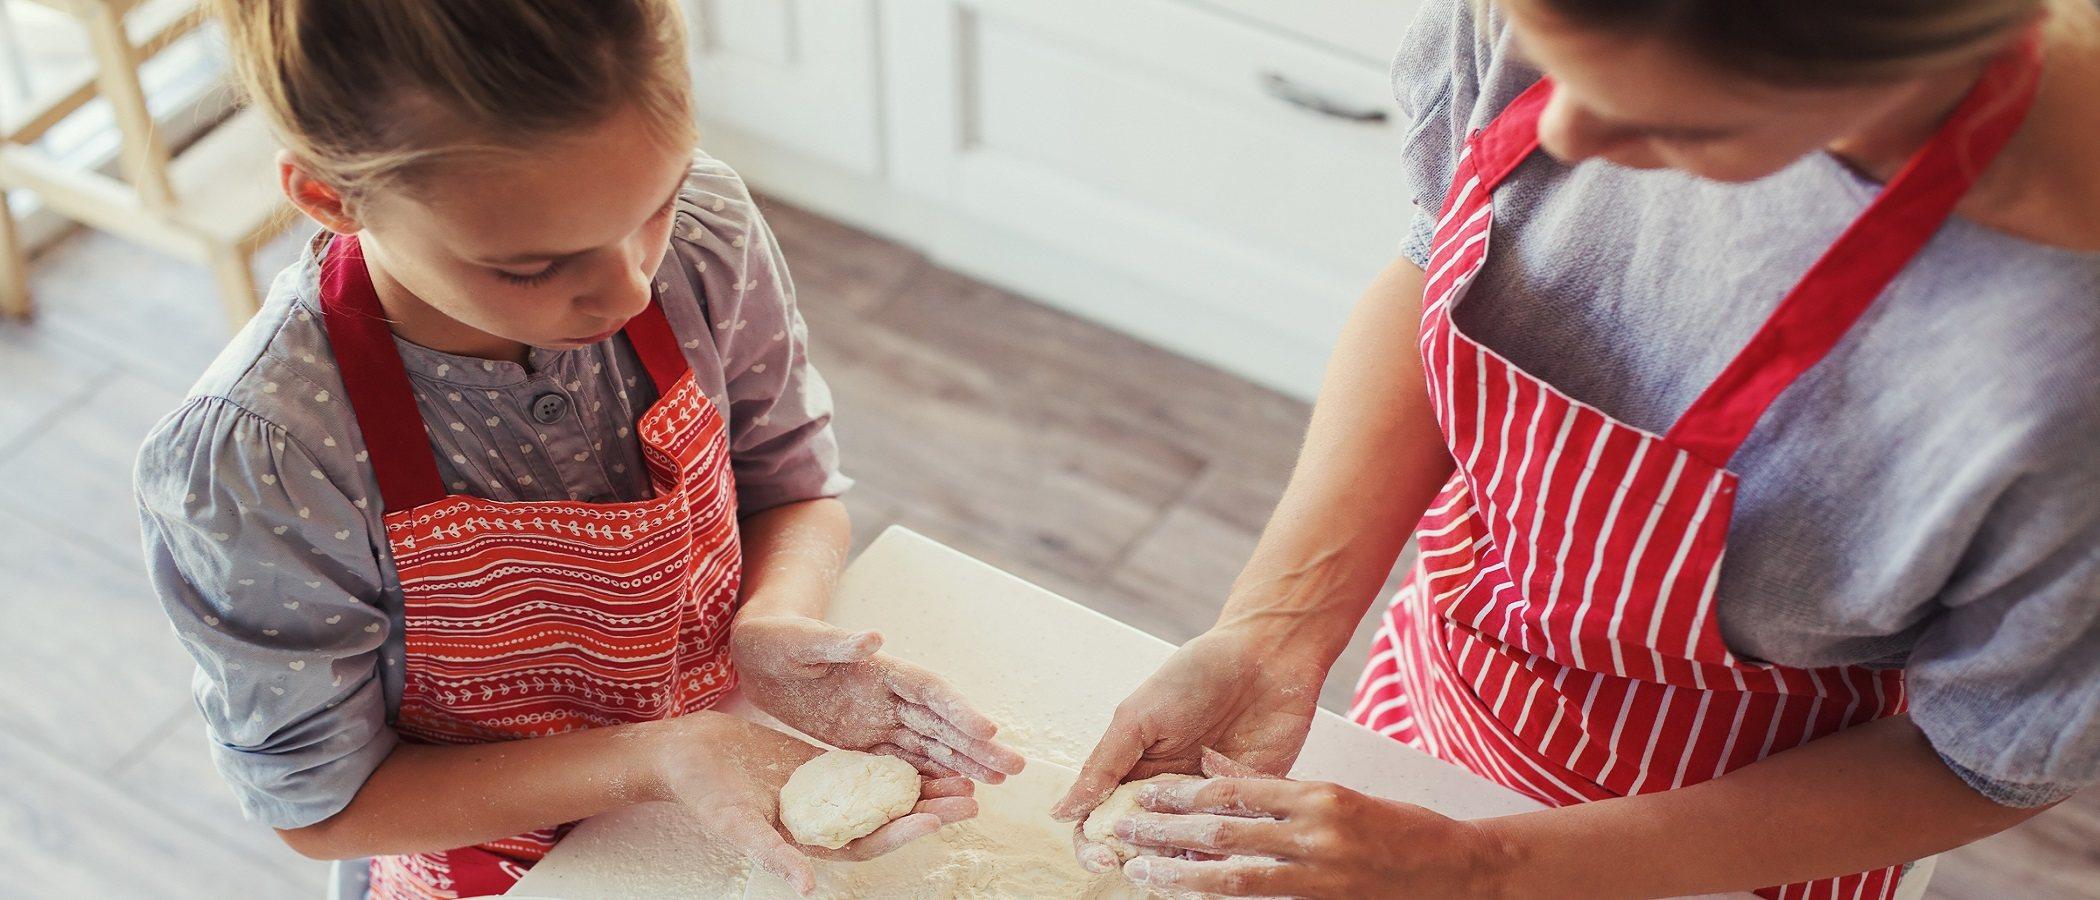 La colaboración de los niños en las tareas del hogar